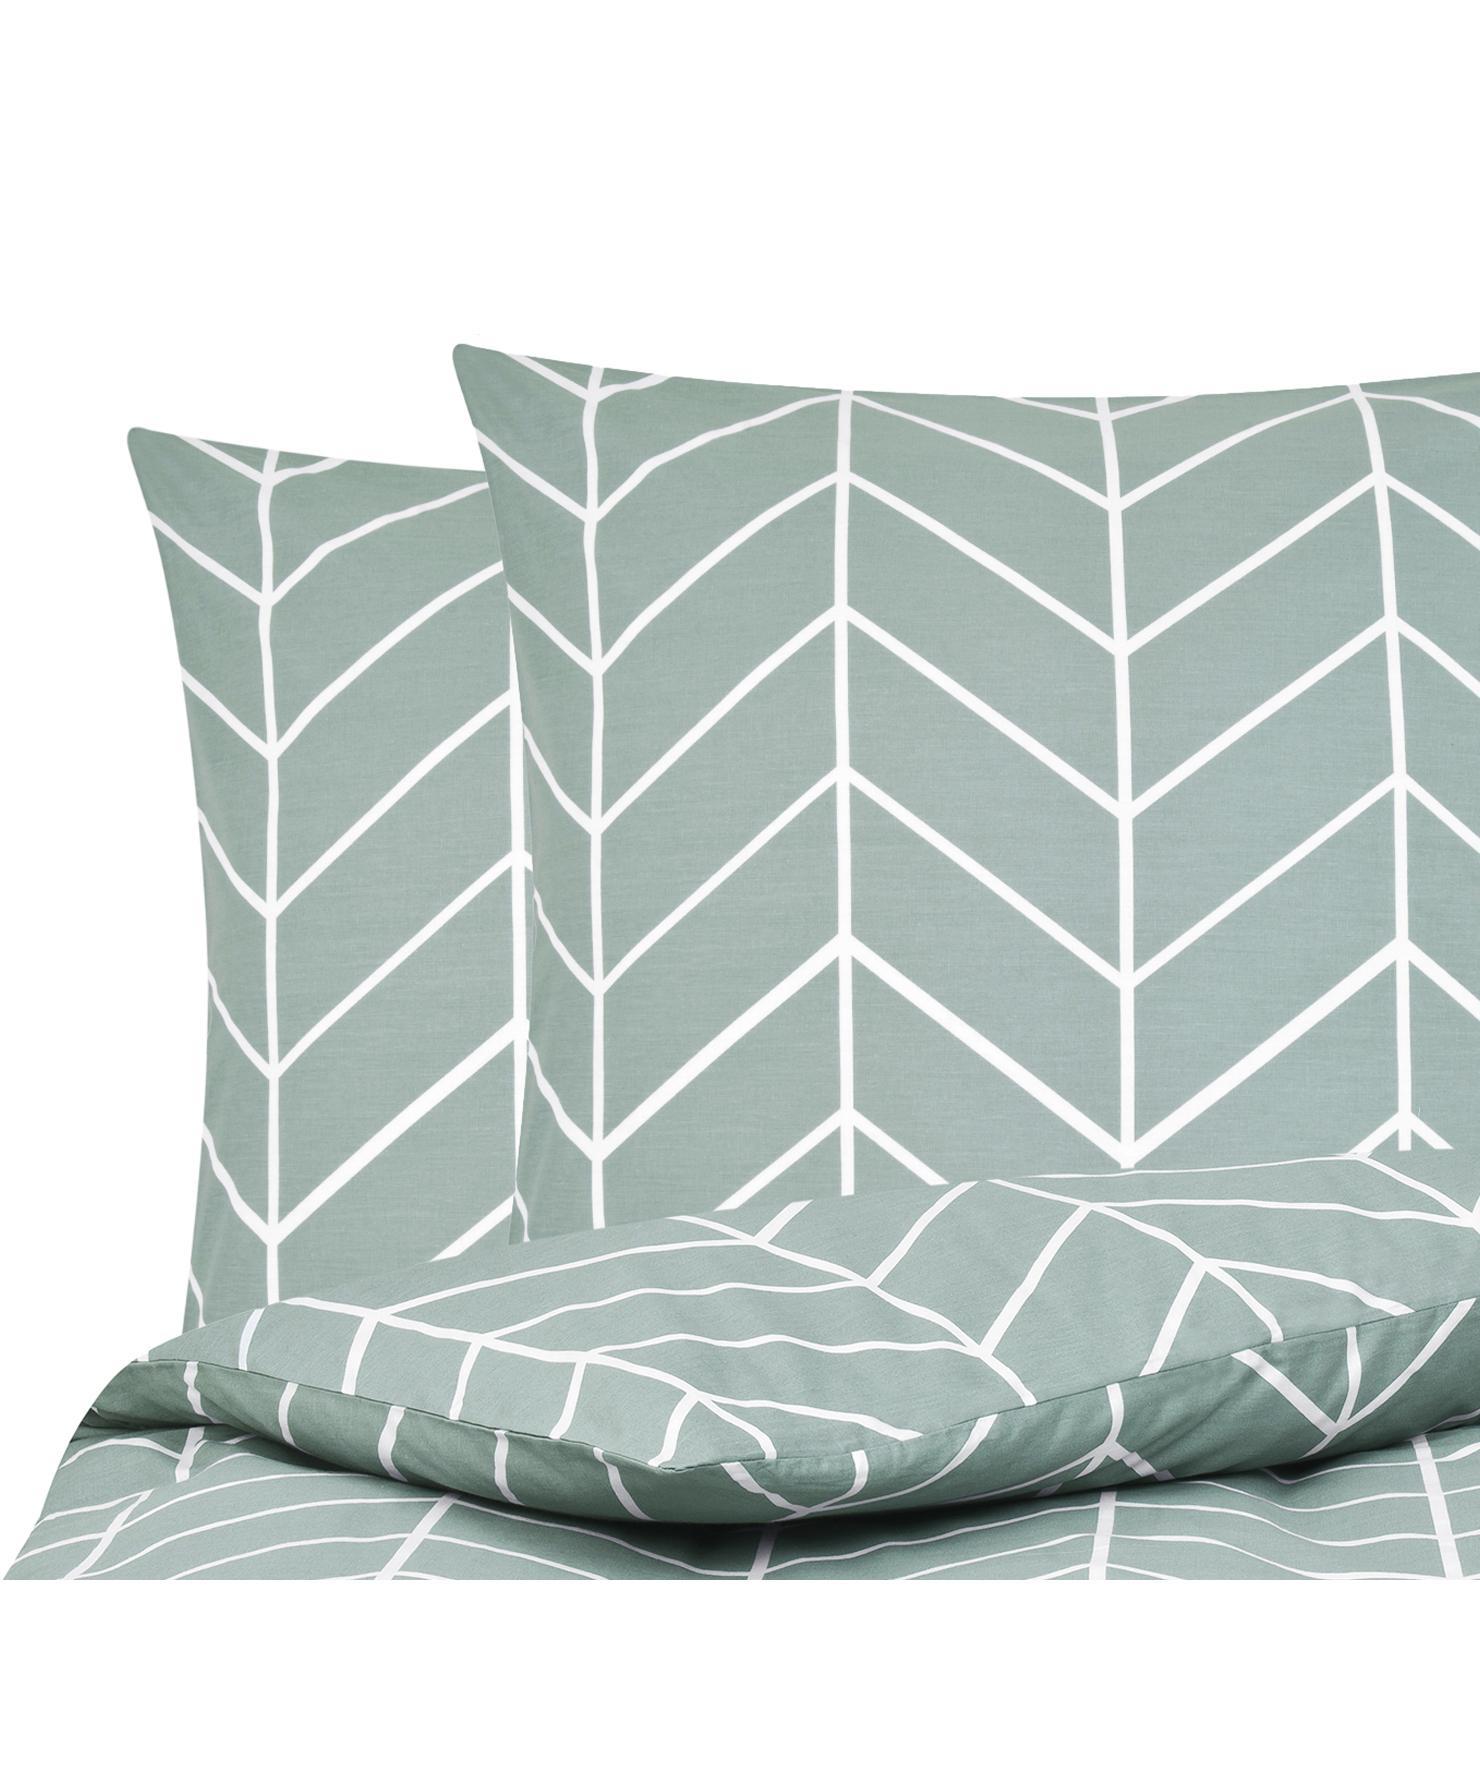 Baumwoll-Bettwäsche Mirja mit grafischem Muster, Webart: Renforcé Fadendichte 144 , Grün, Cremeweiß, 240 x 220 cm + 2 Kissen 80 x 80 cm